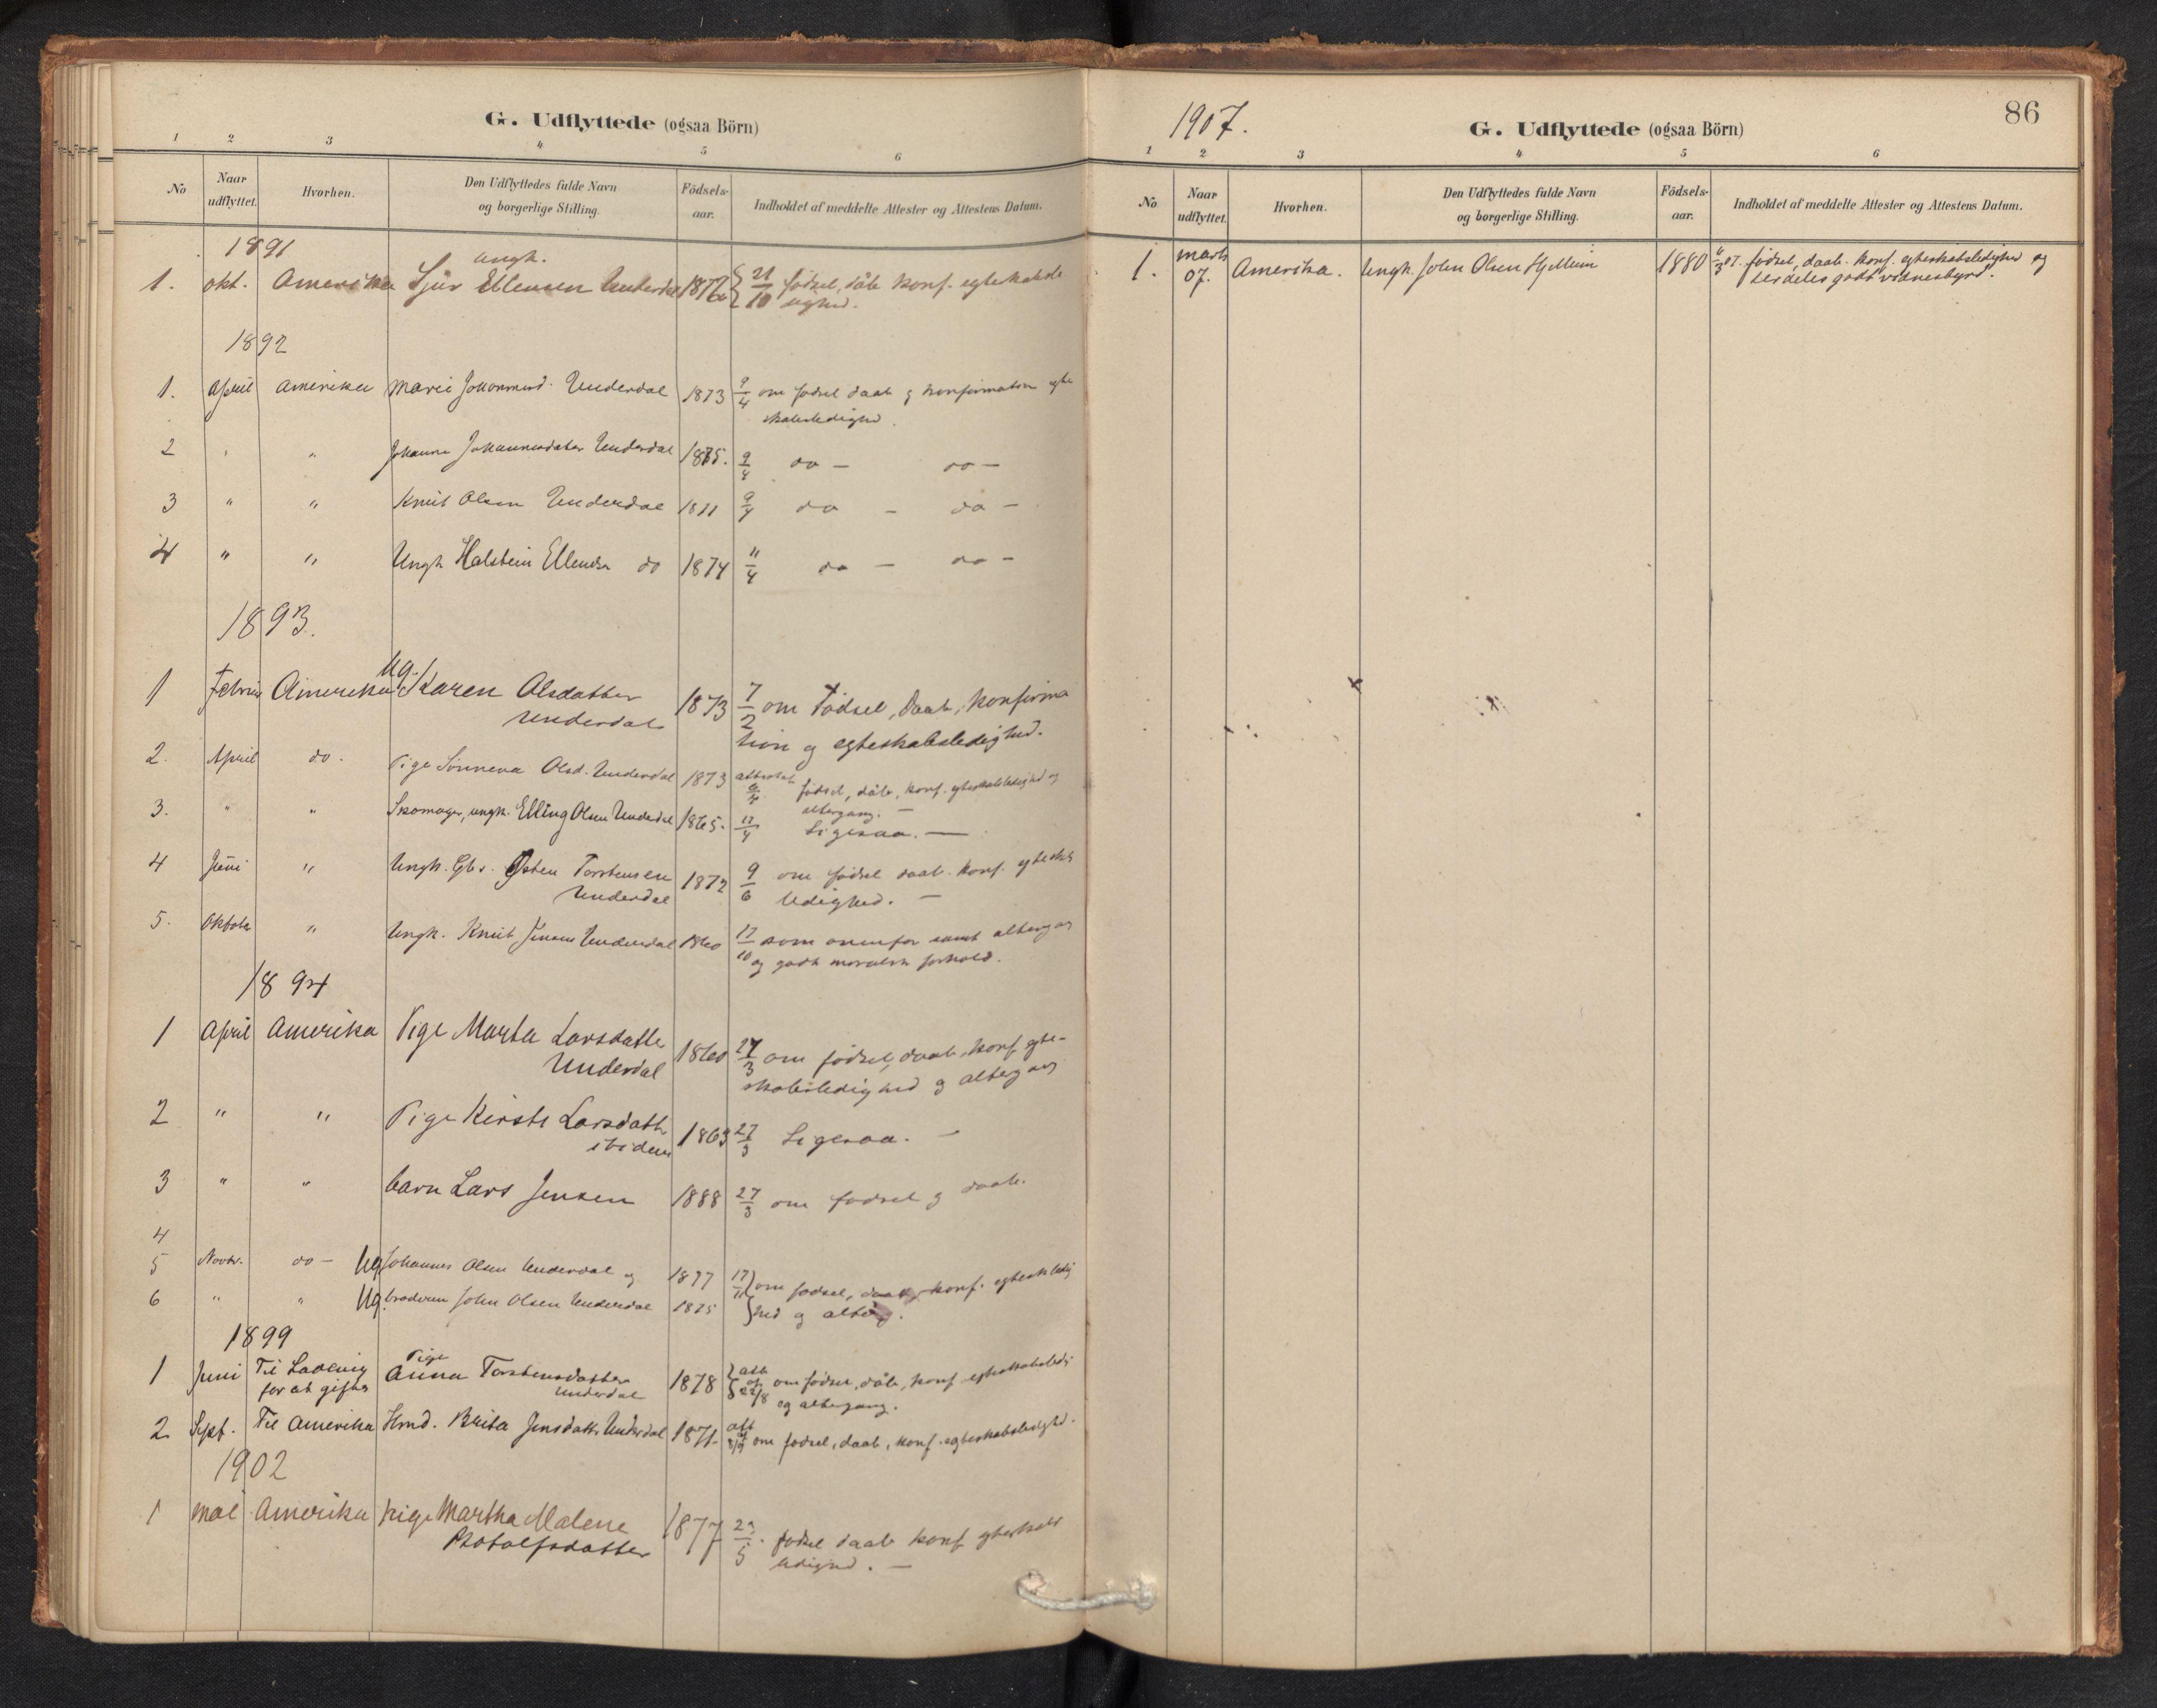 SAB, Aurland Sokneprestembete*, Ministerialbok nr. E 1, 1880-1907, s. 85b-86a